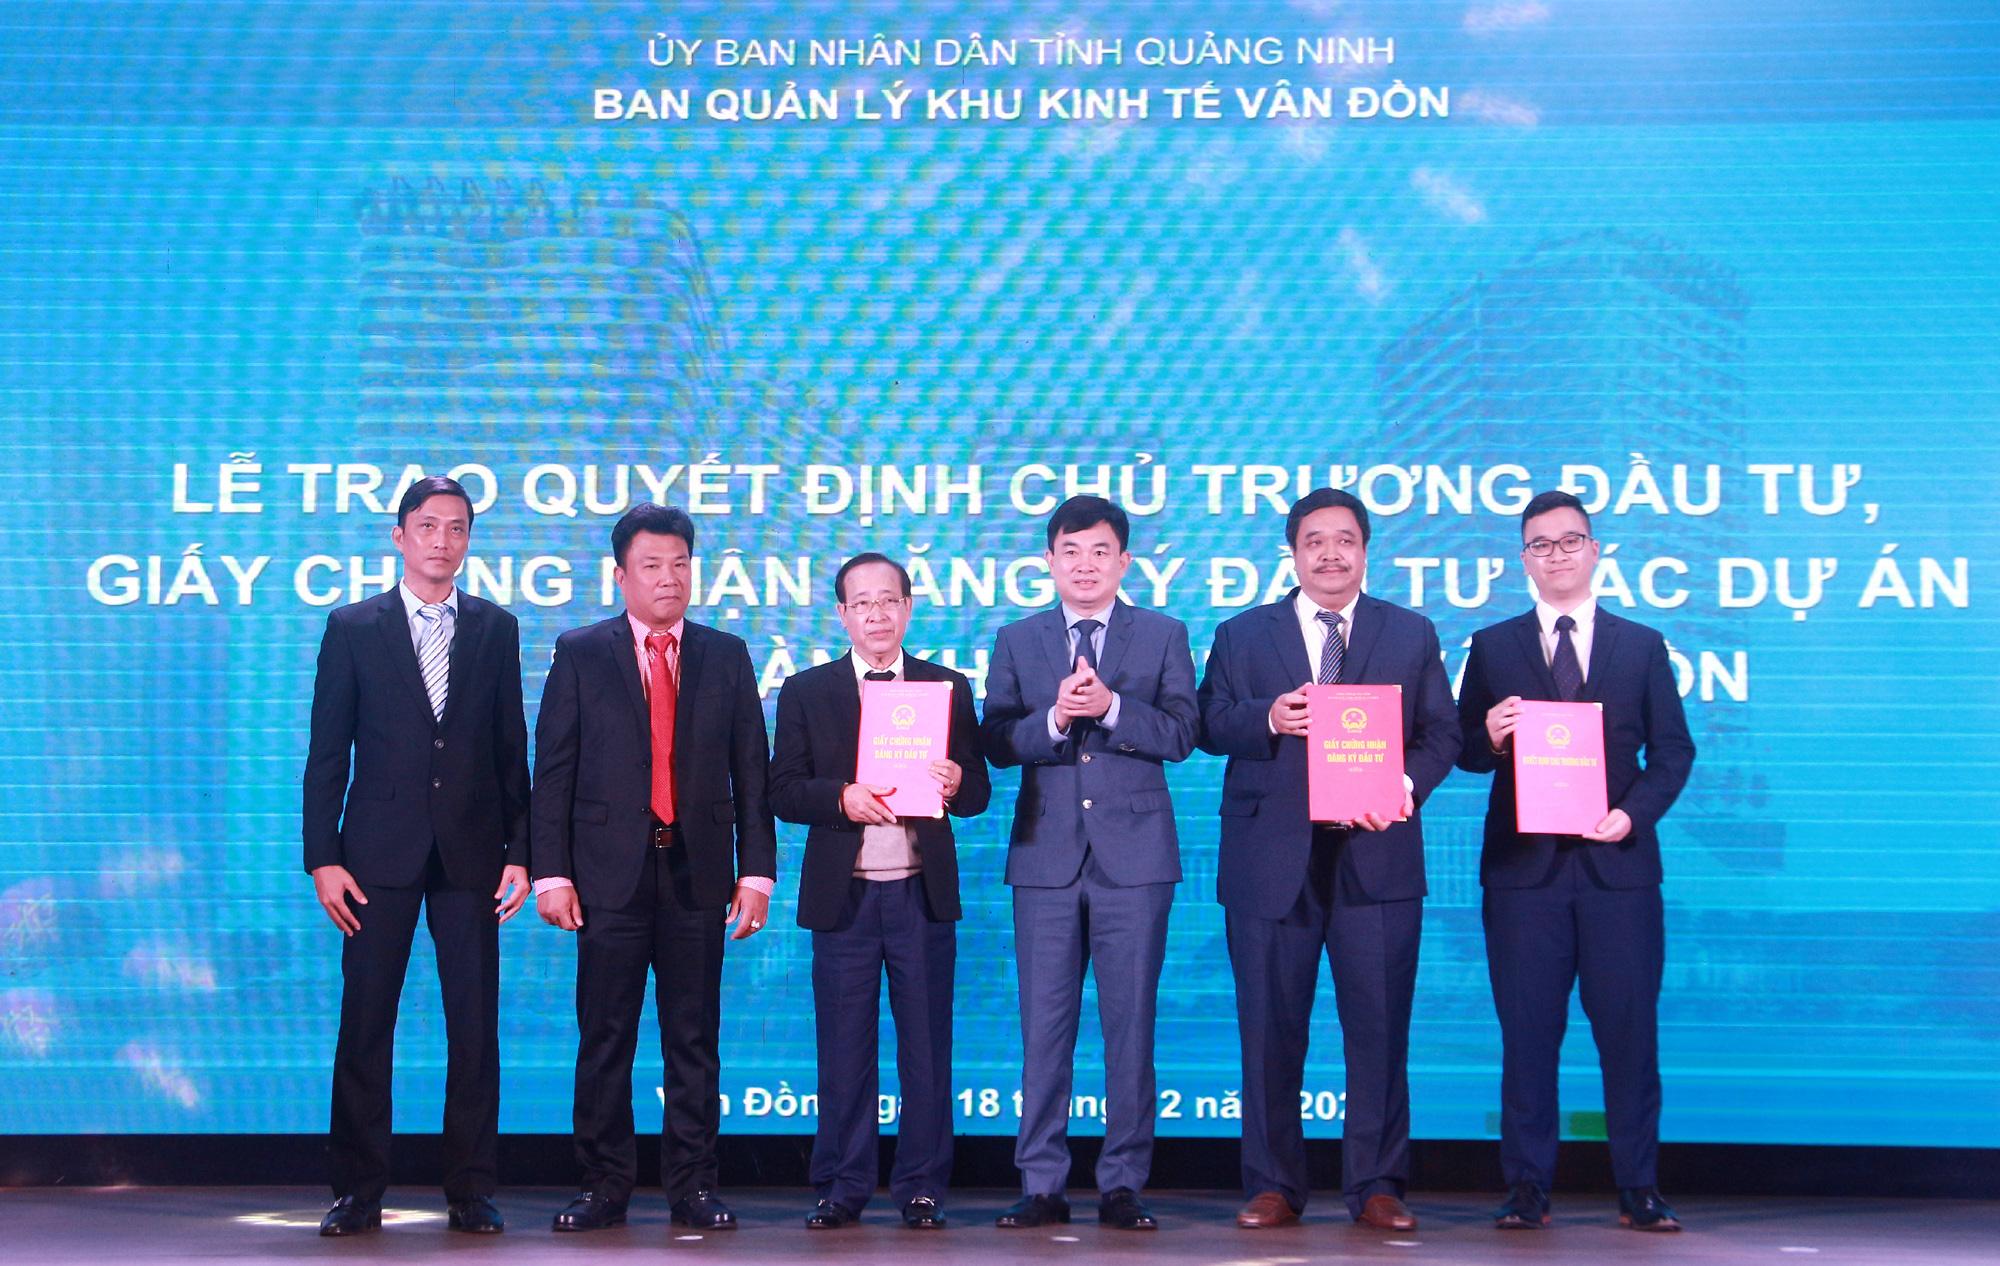 Quảng Ninh công bố quy hoạch 3 phân khu thuộc Khu kinh tế Vân Đồn - Ảnh 2.